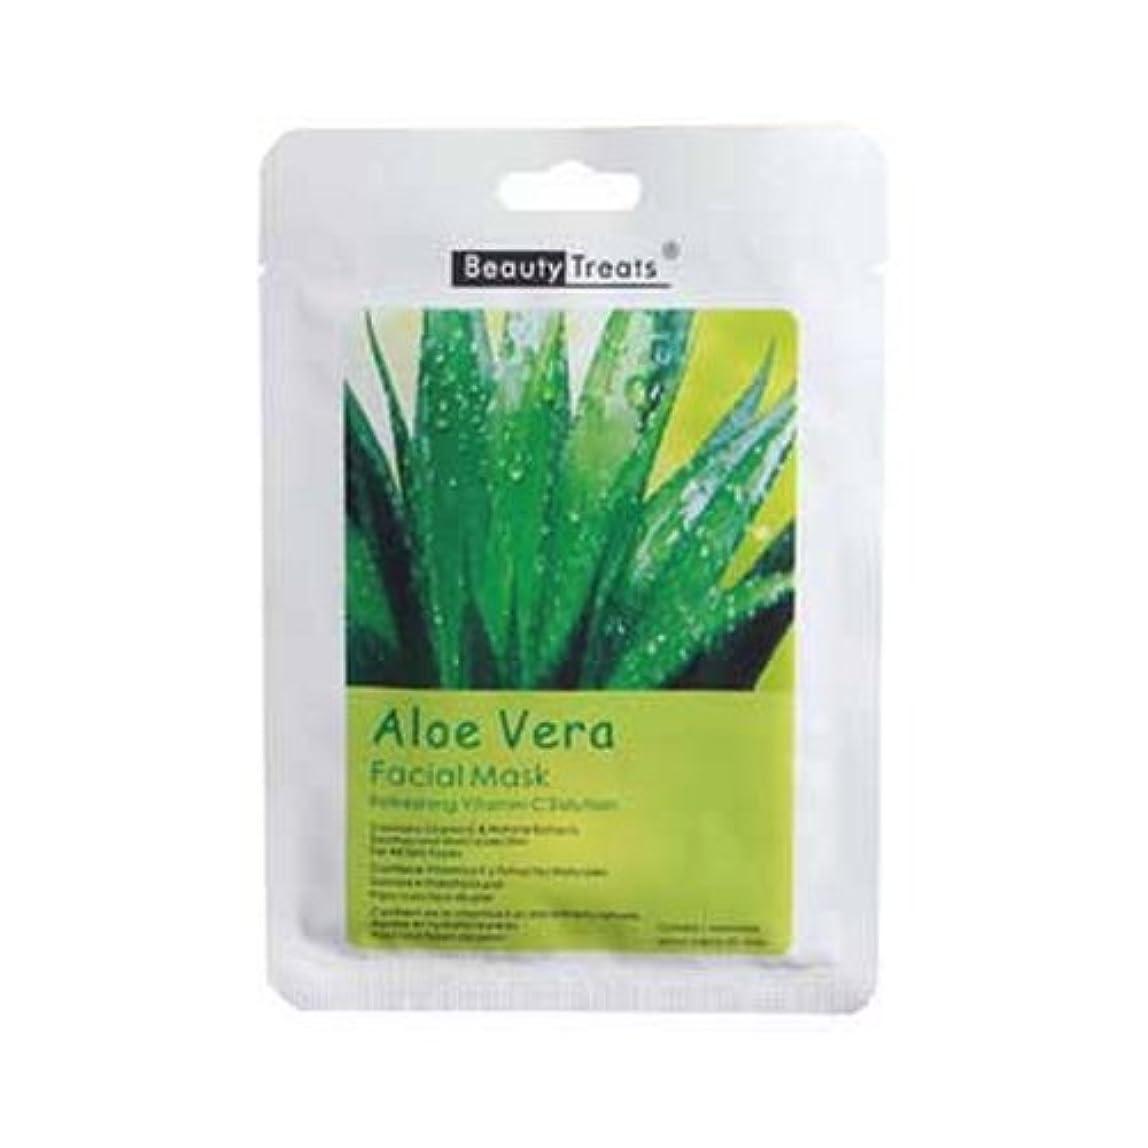 十分掘るトマト(6 Pack) BEAUTY TREATS Facial Mask Refreshing Vitamin C Solution - Aloe Vera (並行輸入品)